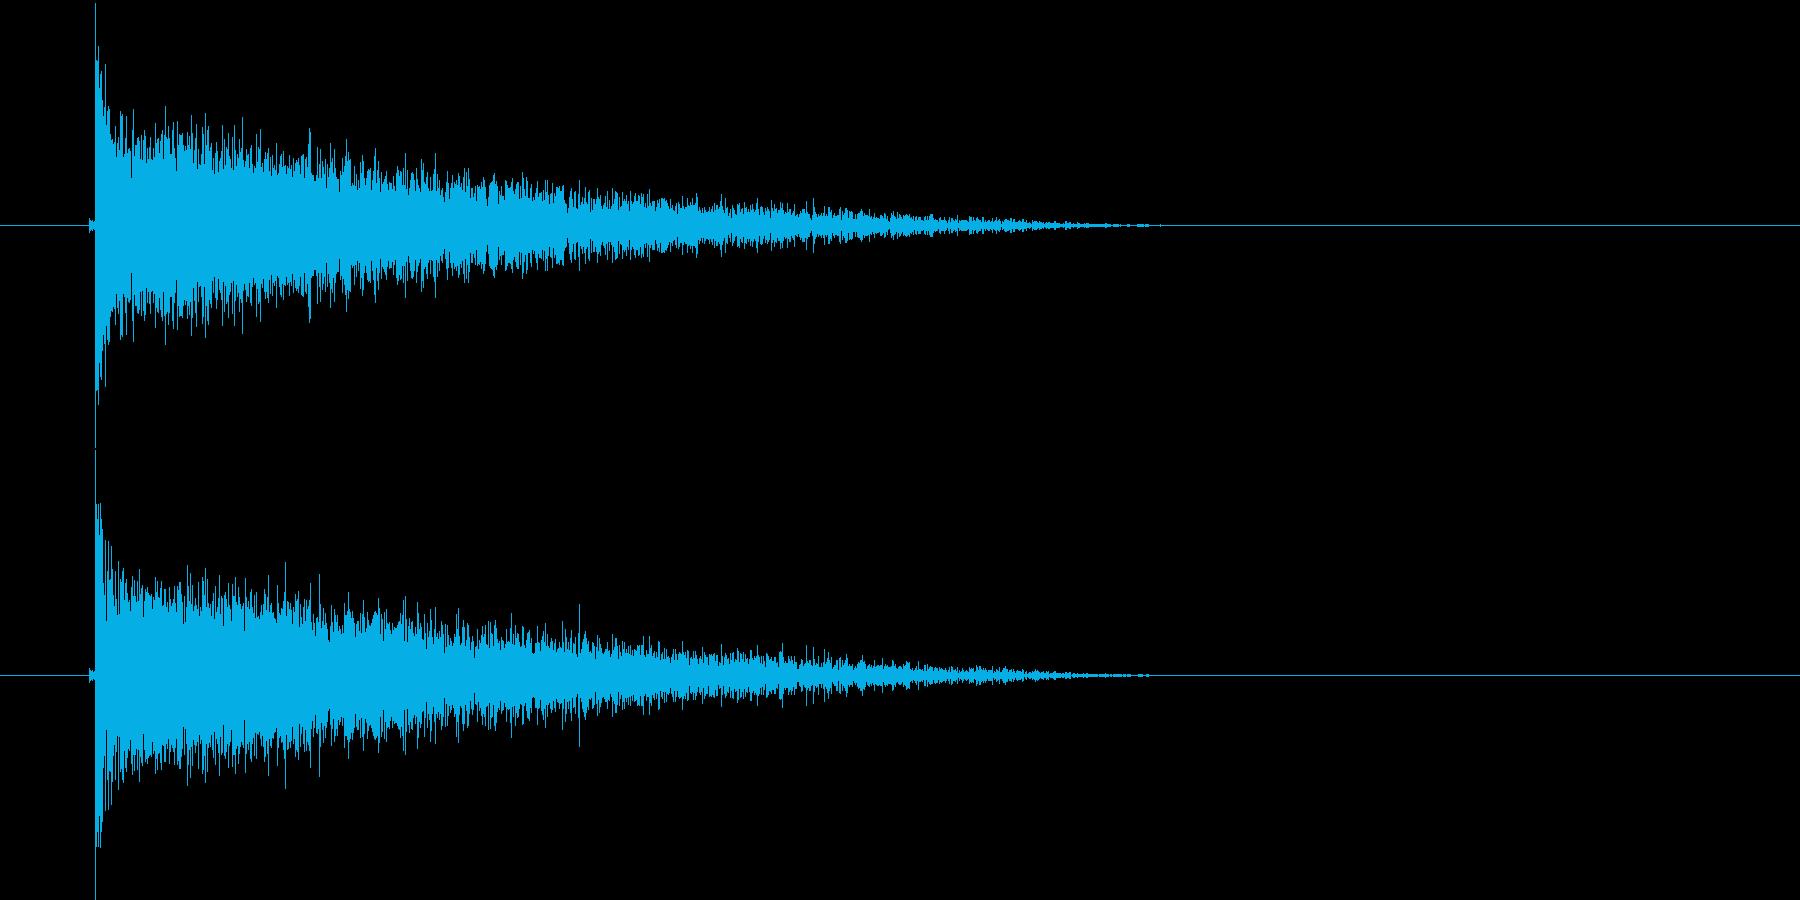 バシャーン(爆破音)の再生済みの波形